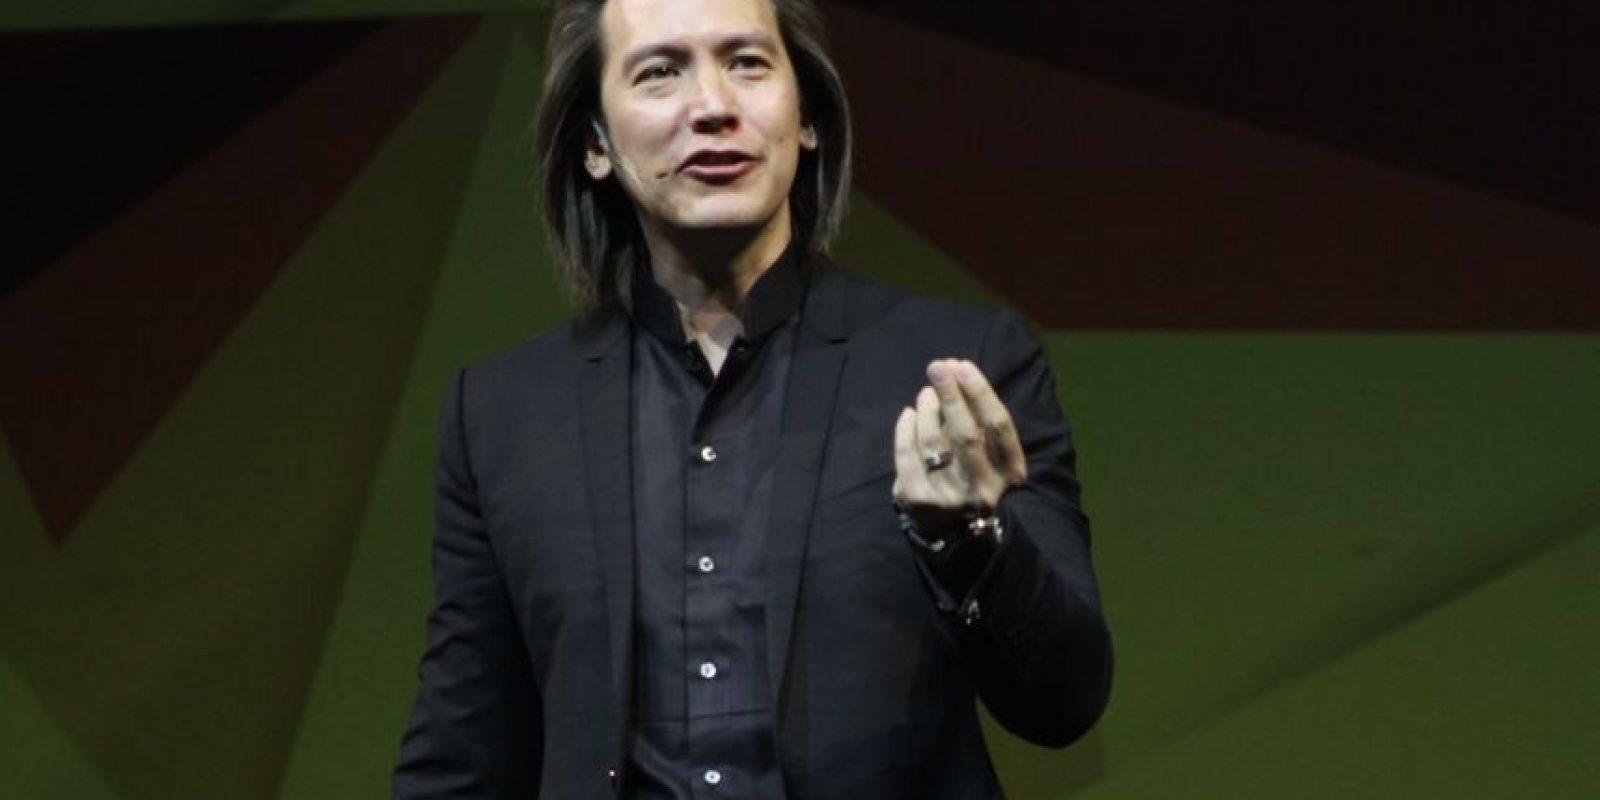 Mike Walsh, es CEO de Tomorrow, una consultora de modelos de negocios para el siglo XXI. Foto:Nicolás Corte / Publimetro